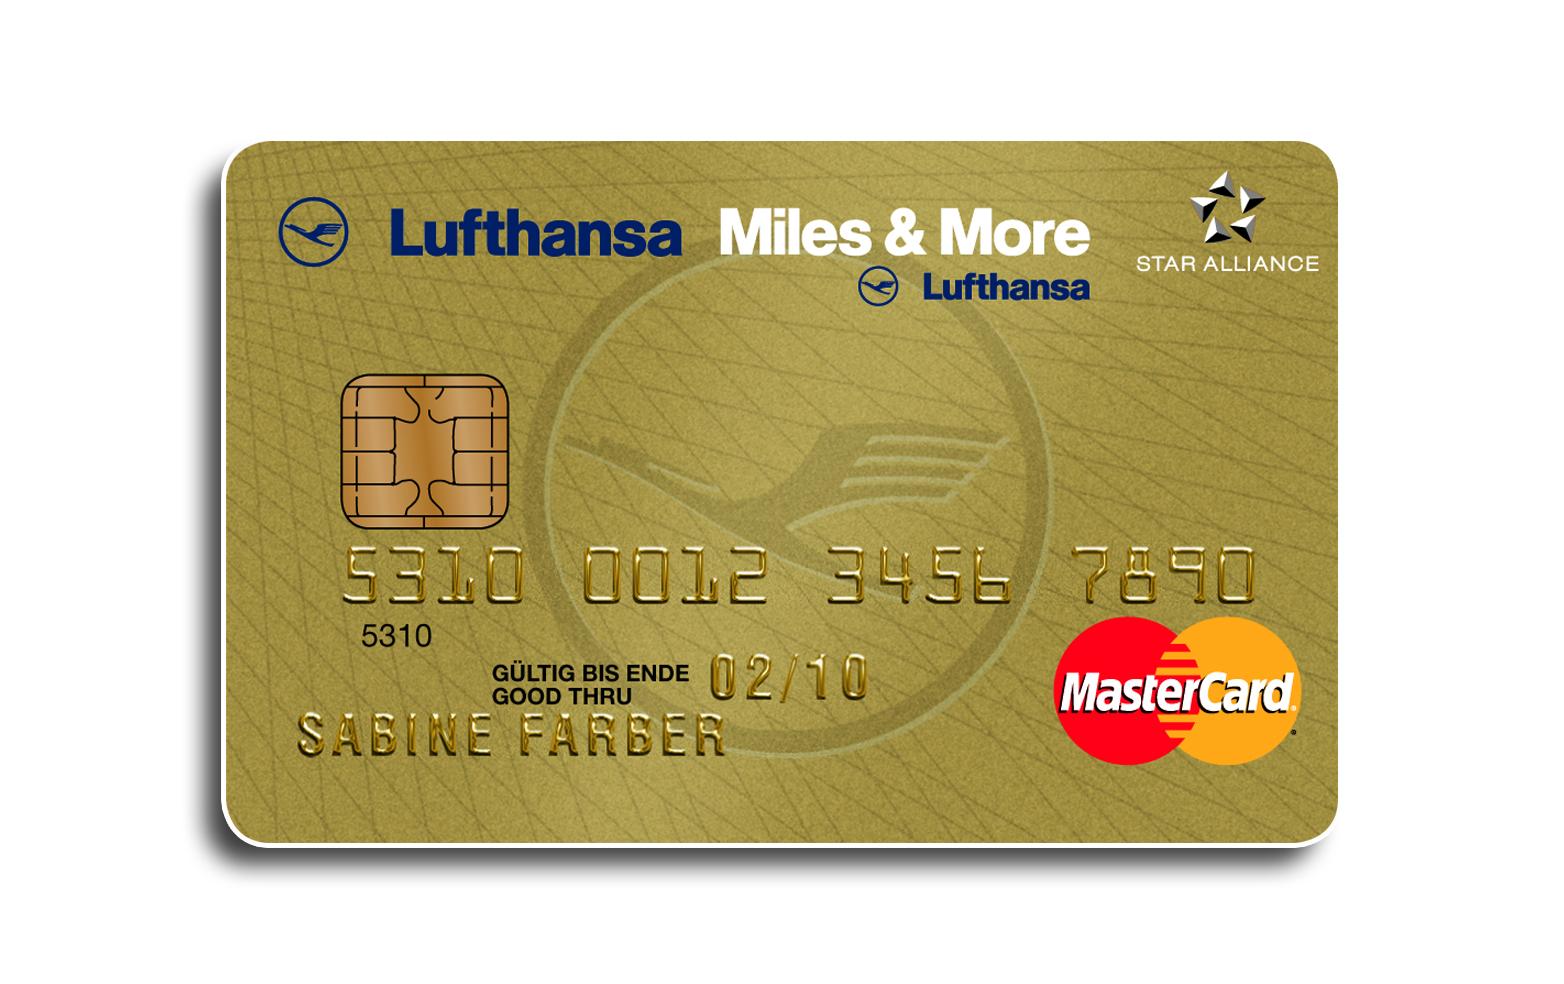 Kreditkarte In 3 Tagen